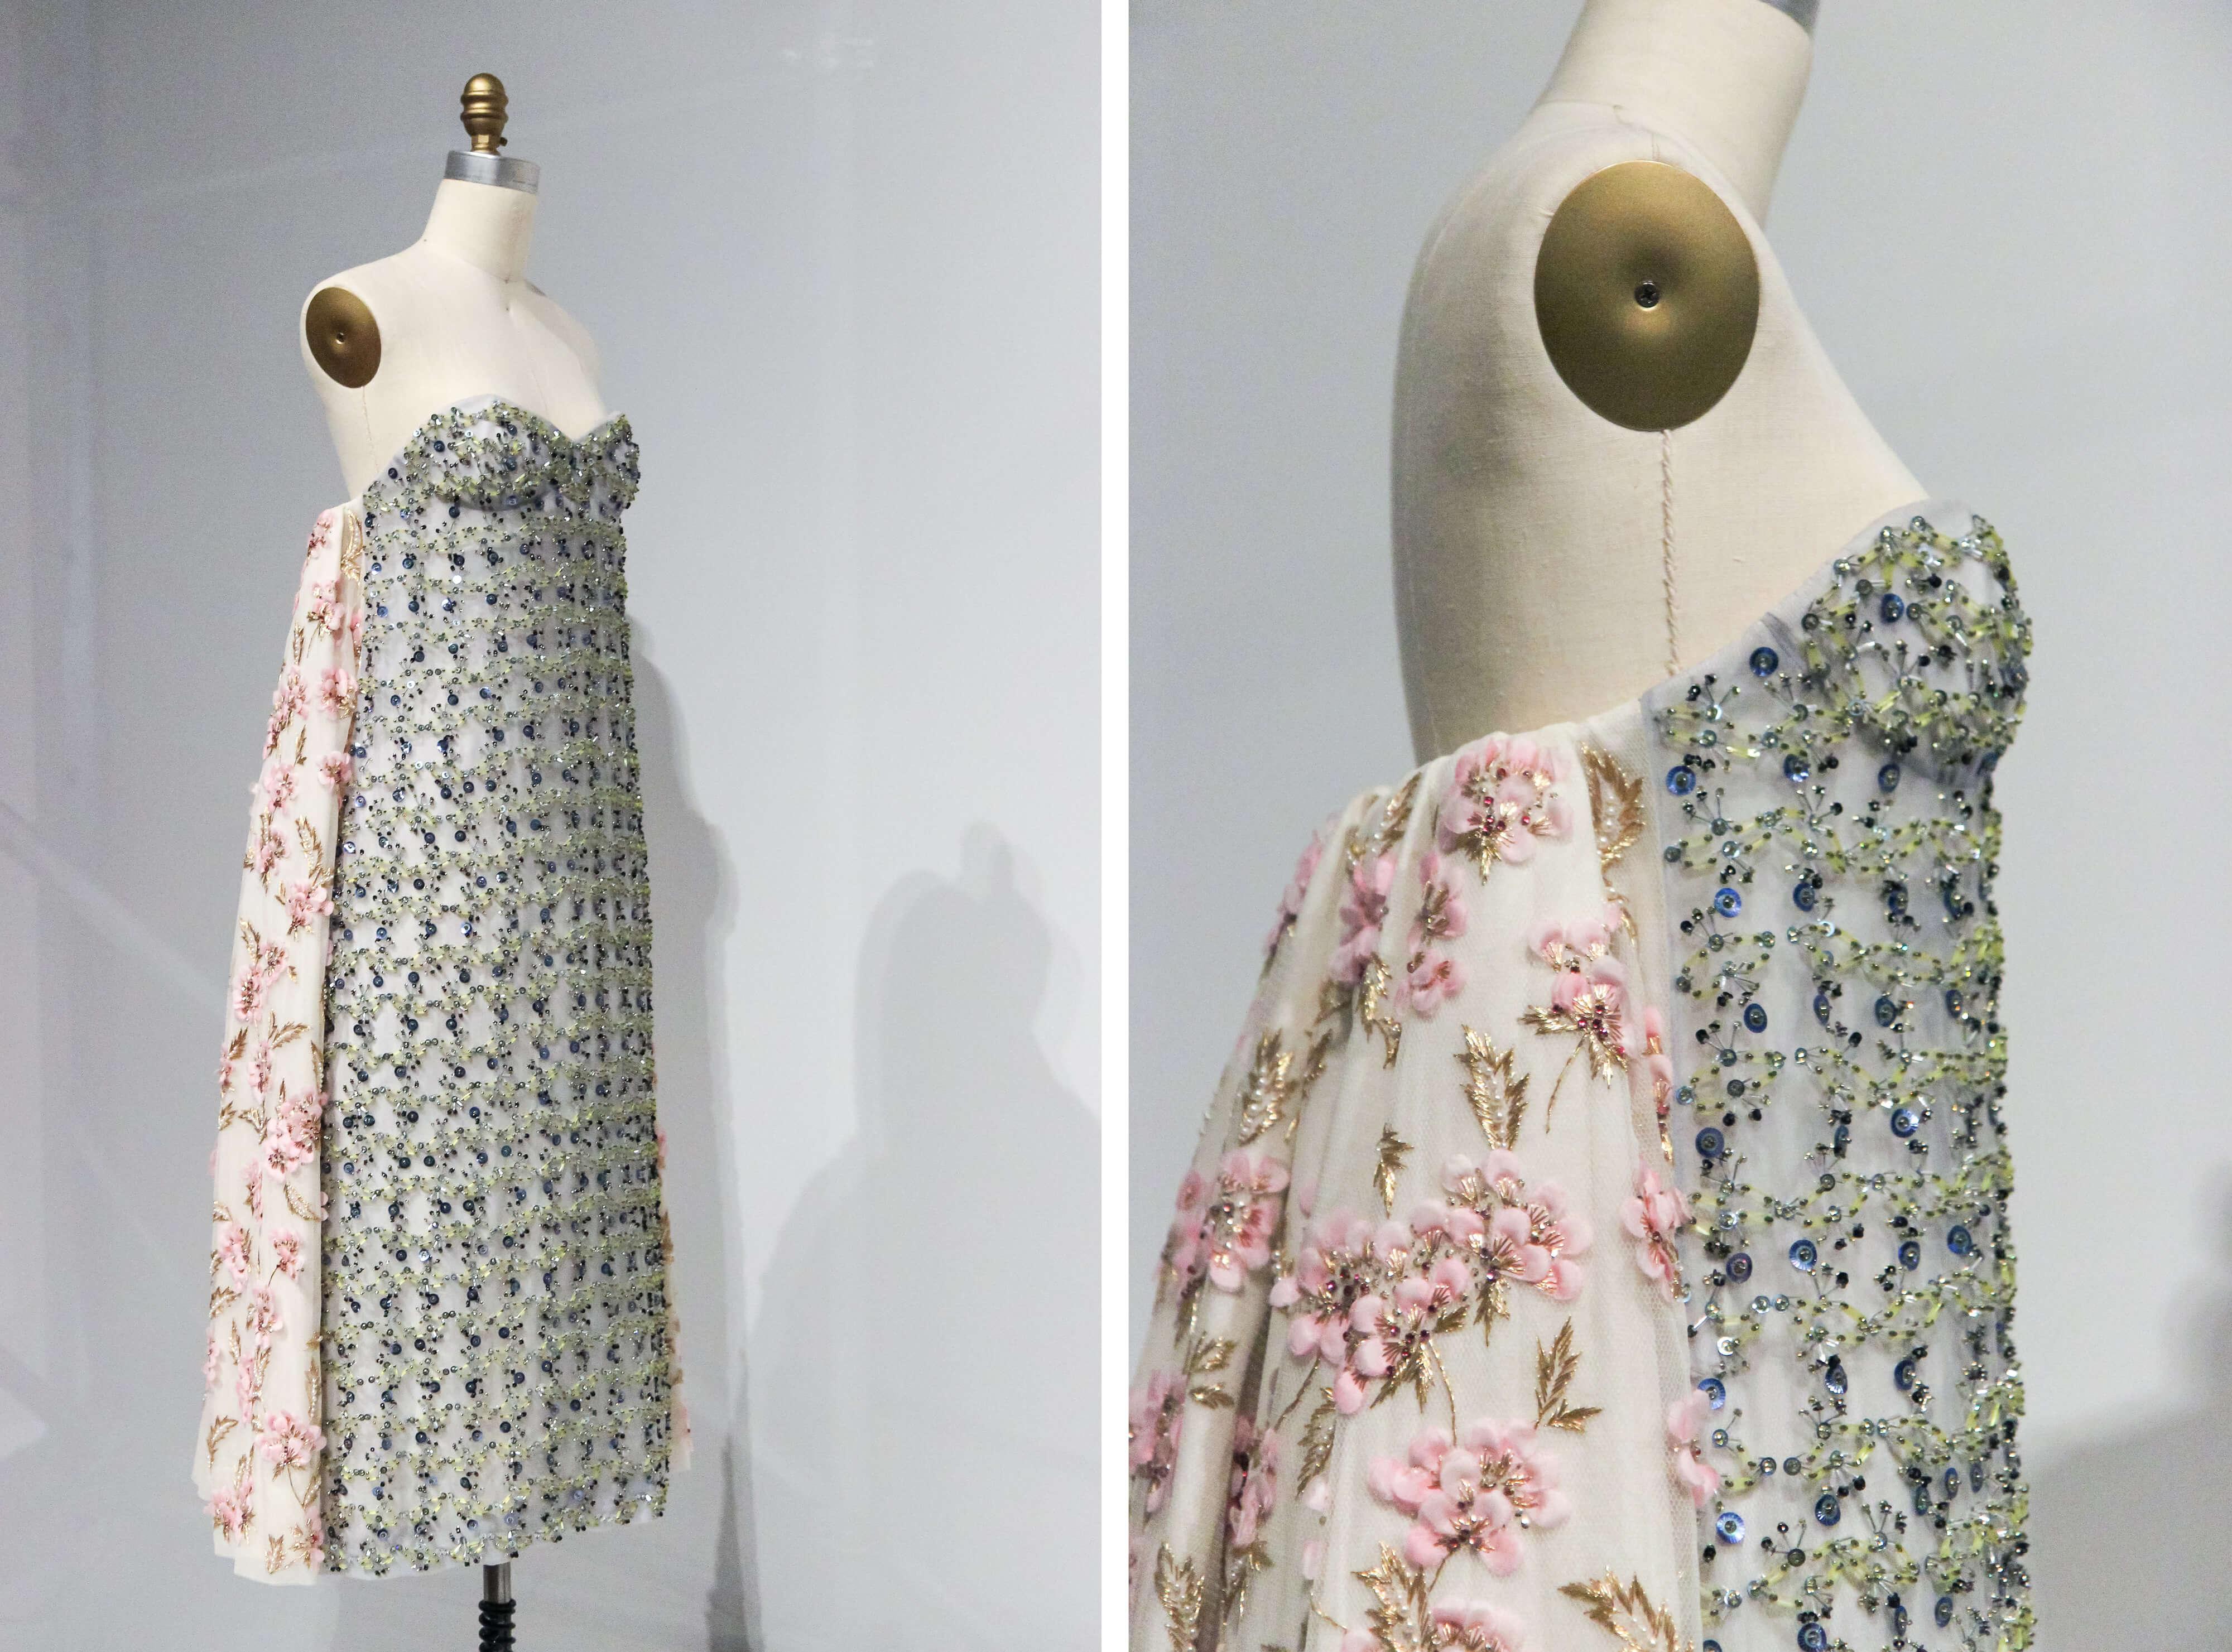 met-museum-costume-exhibition-manus-x-machina-3713